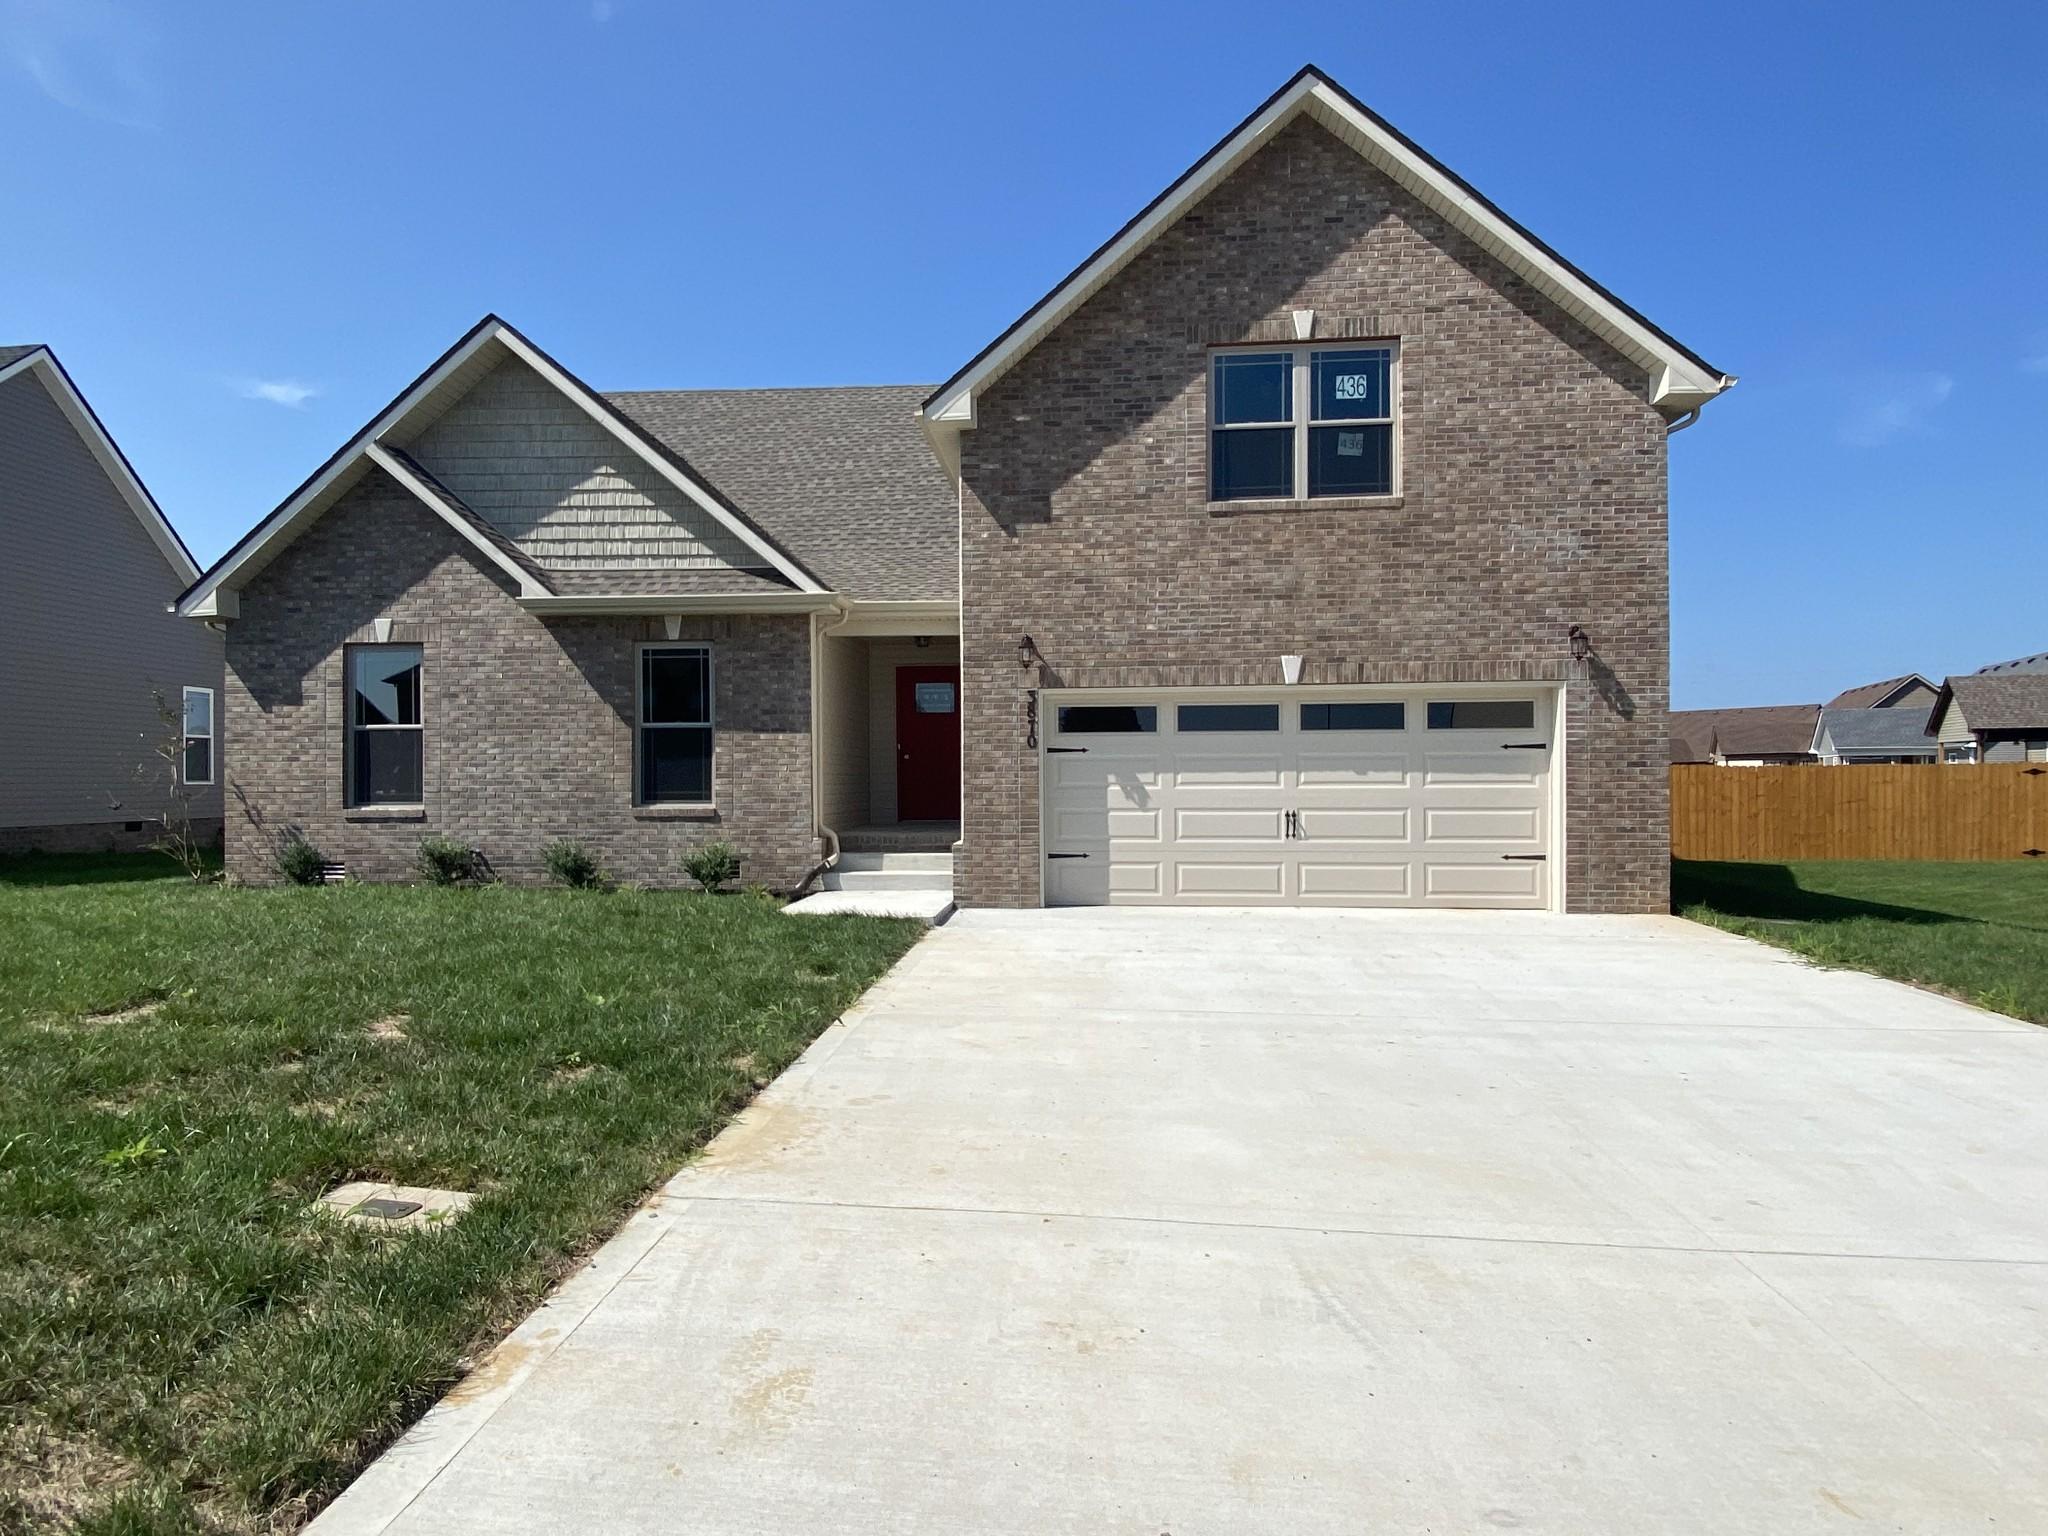 436 Autumnwood Farms, Clarksville, TN 37042 - Clarksville, TN real estate listing